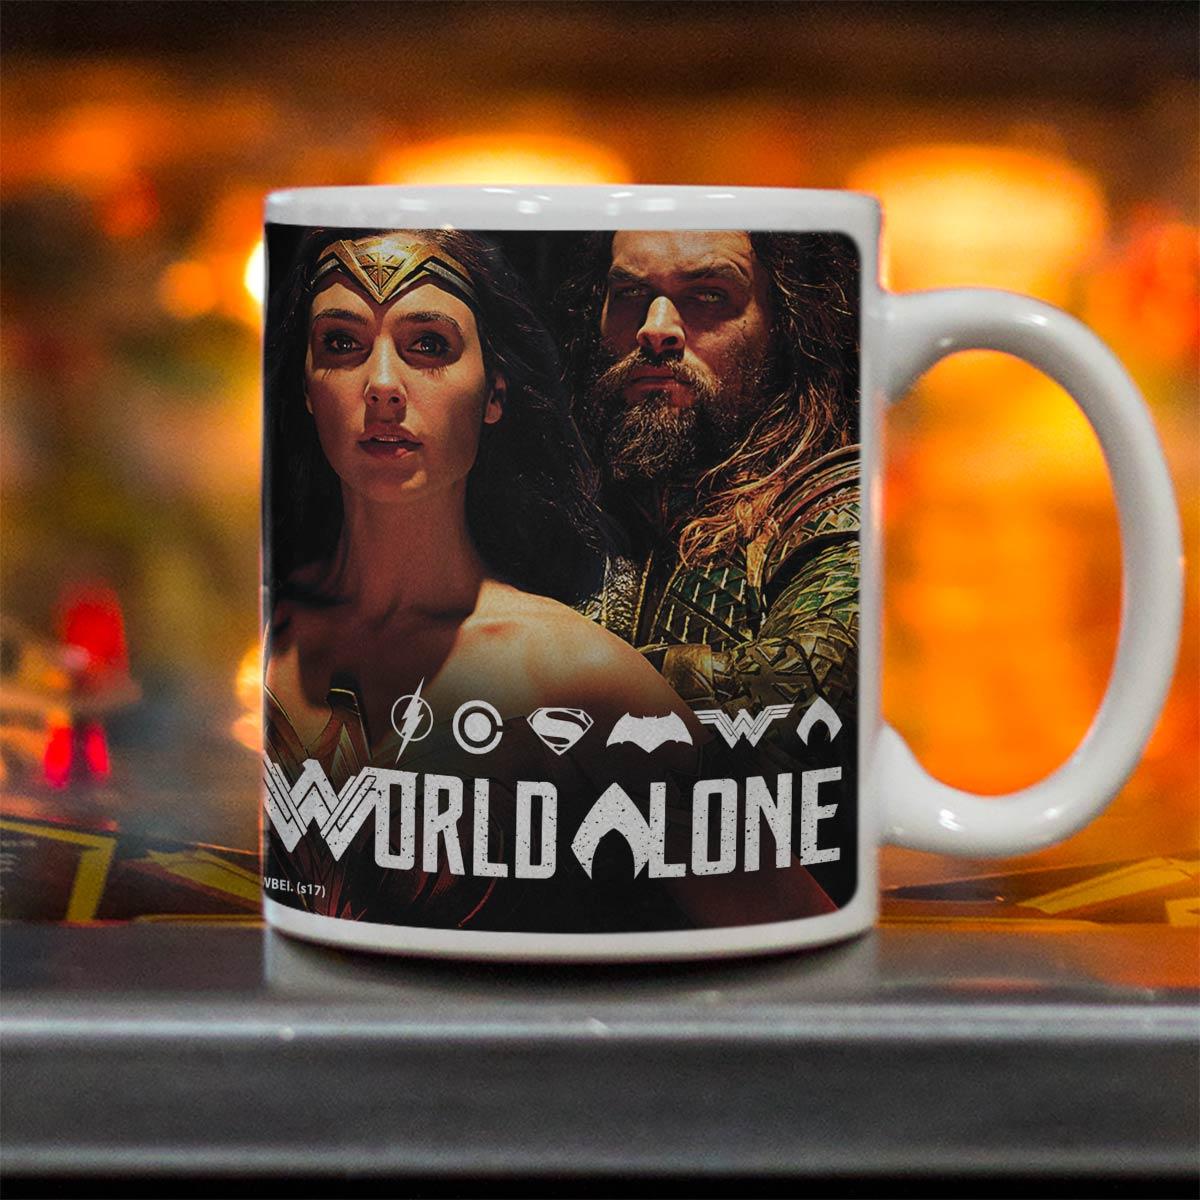 Caneca Liga da Justiça You Can´t Save The World Alone